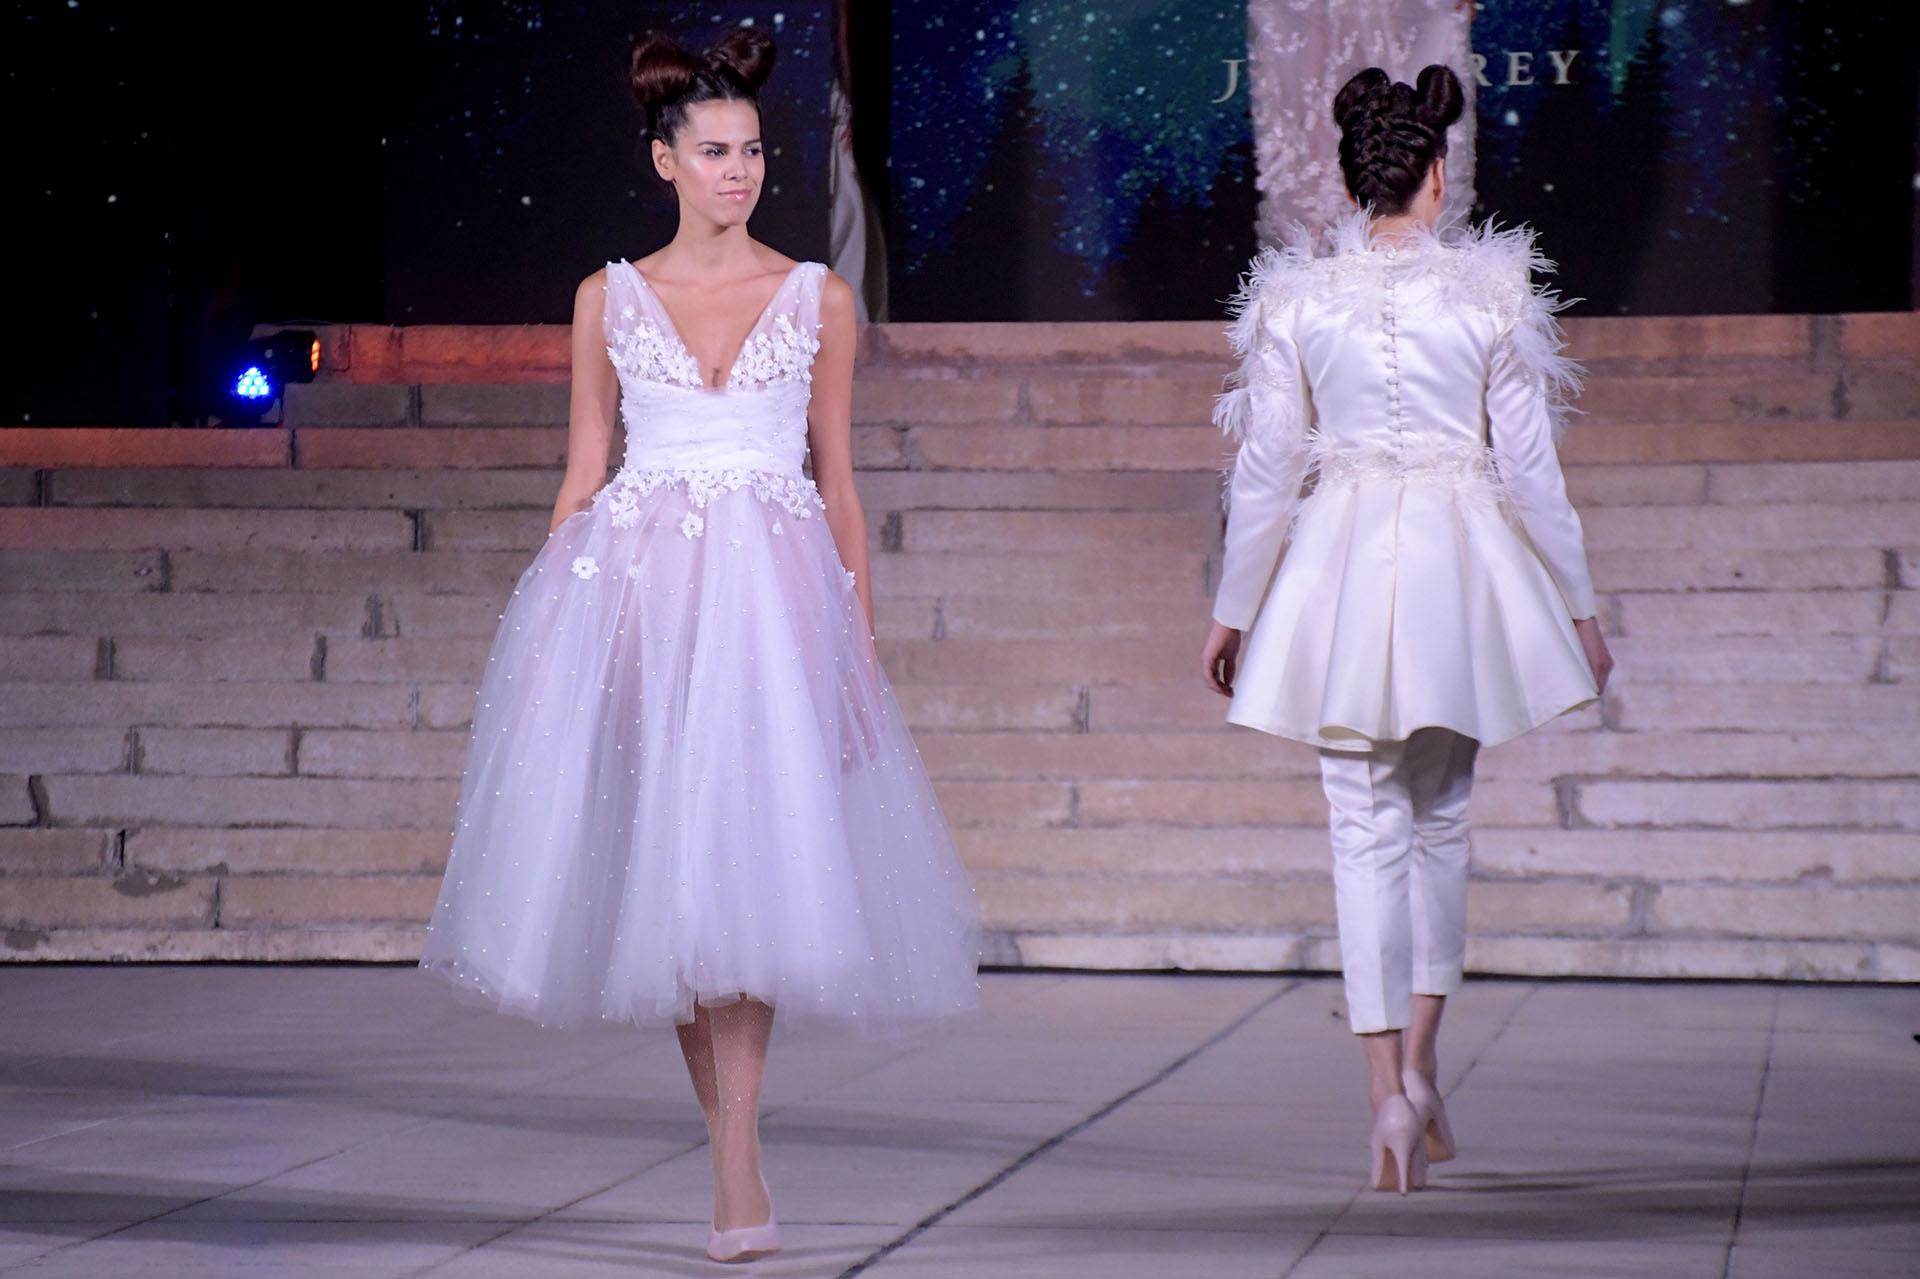 Un diseño corto con drapeado de tul en la cintura y con destellos de brillantes en la falda. El detalle romántico, las flores bordadas